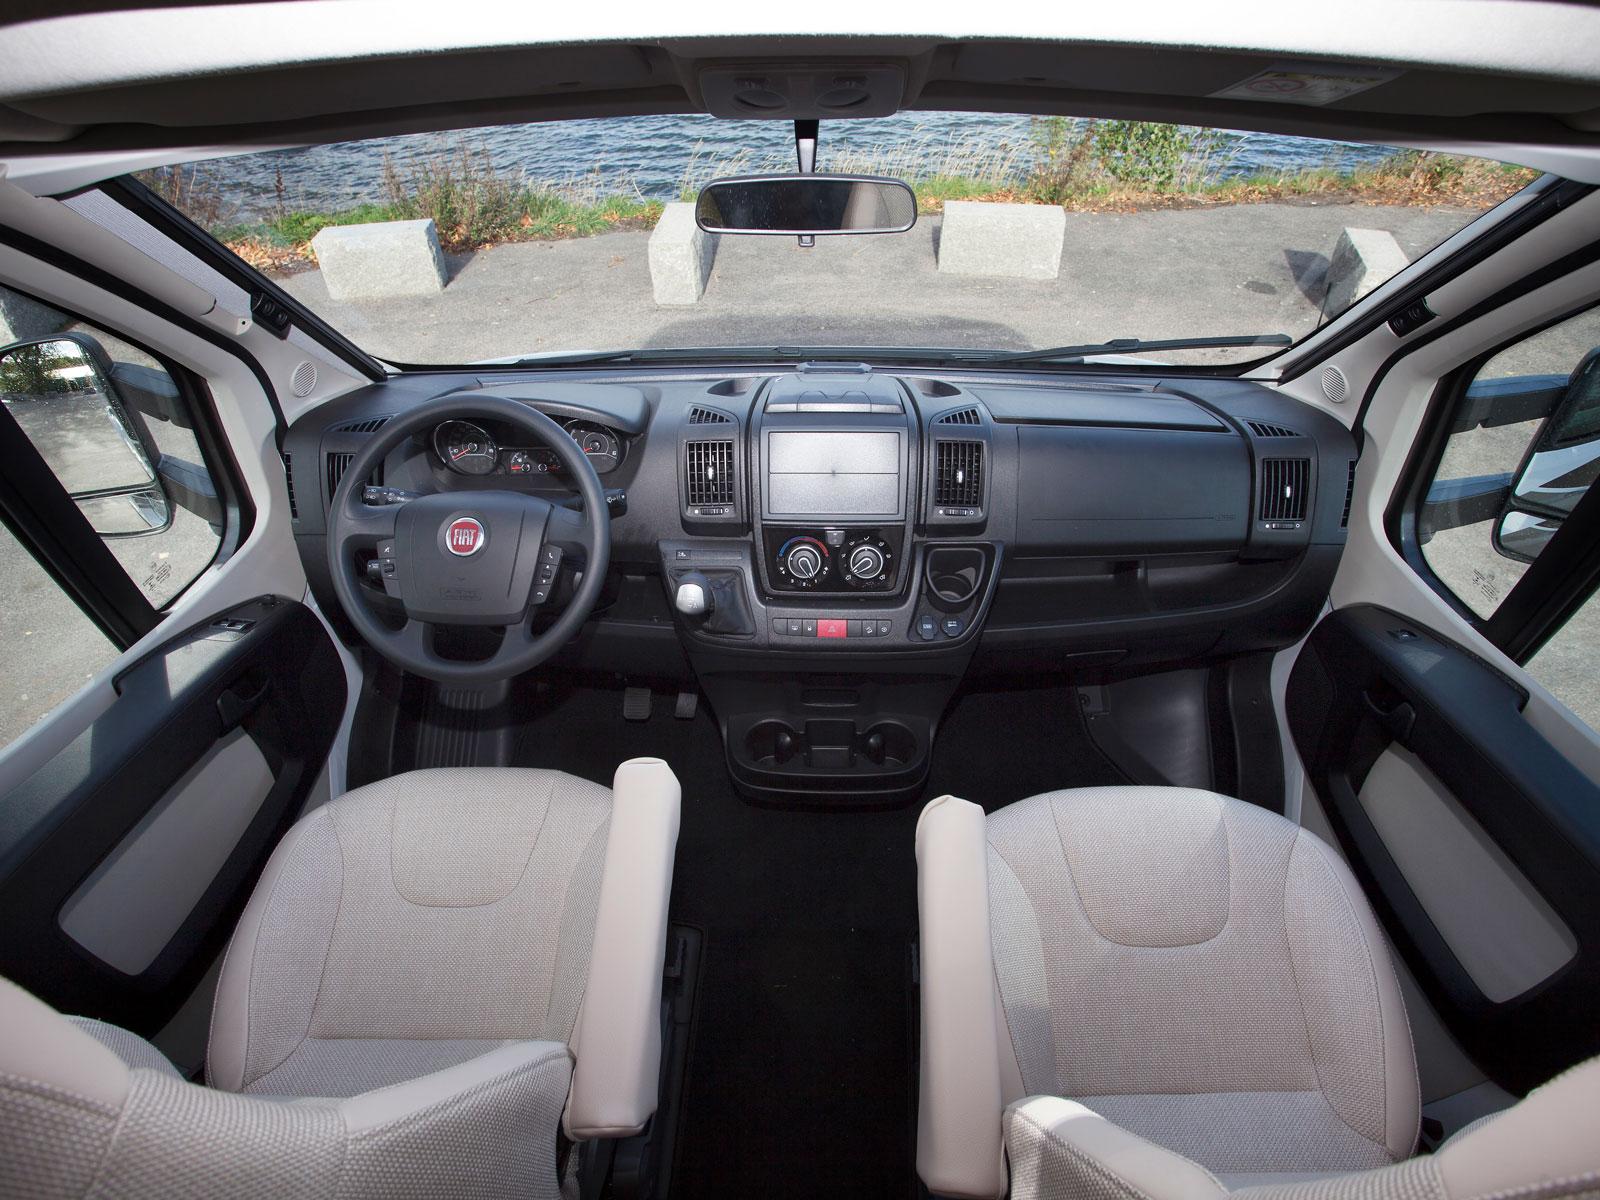 Förarhytt i klassiskt Fiat Ducato-utförande.